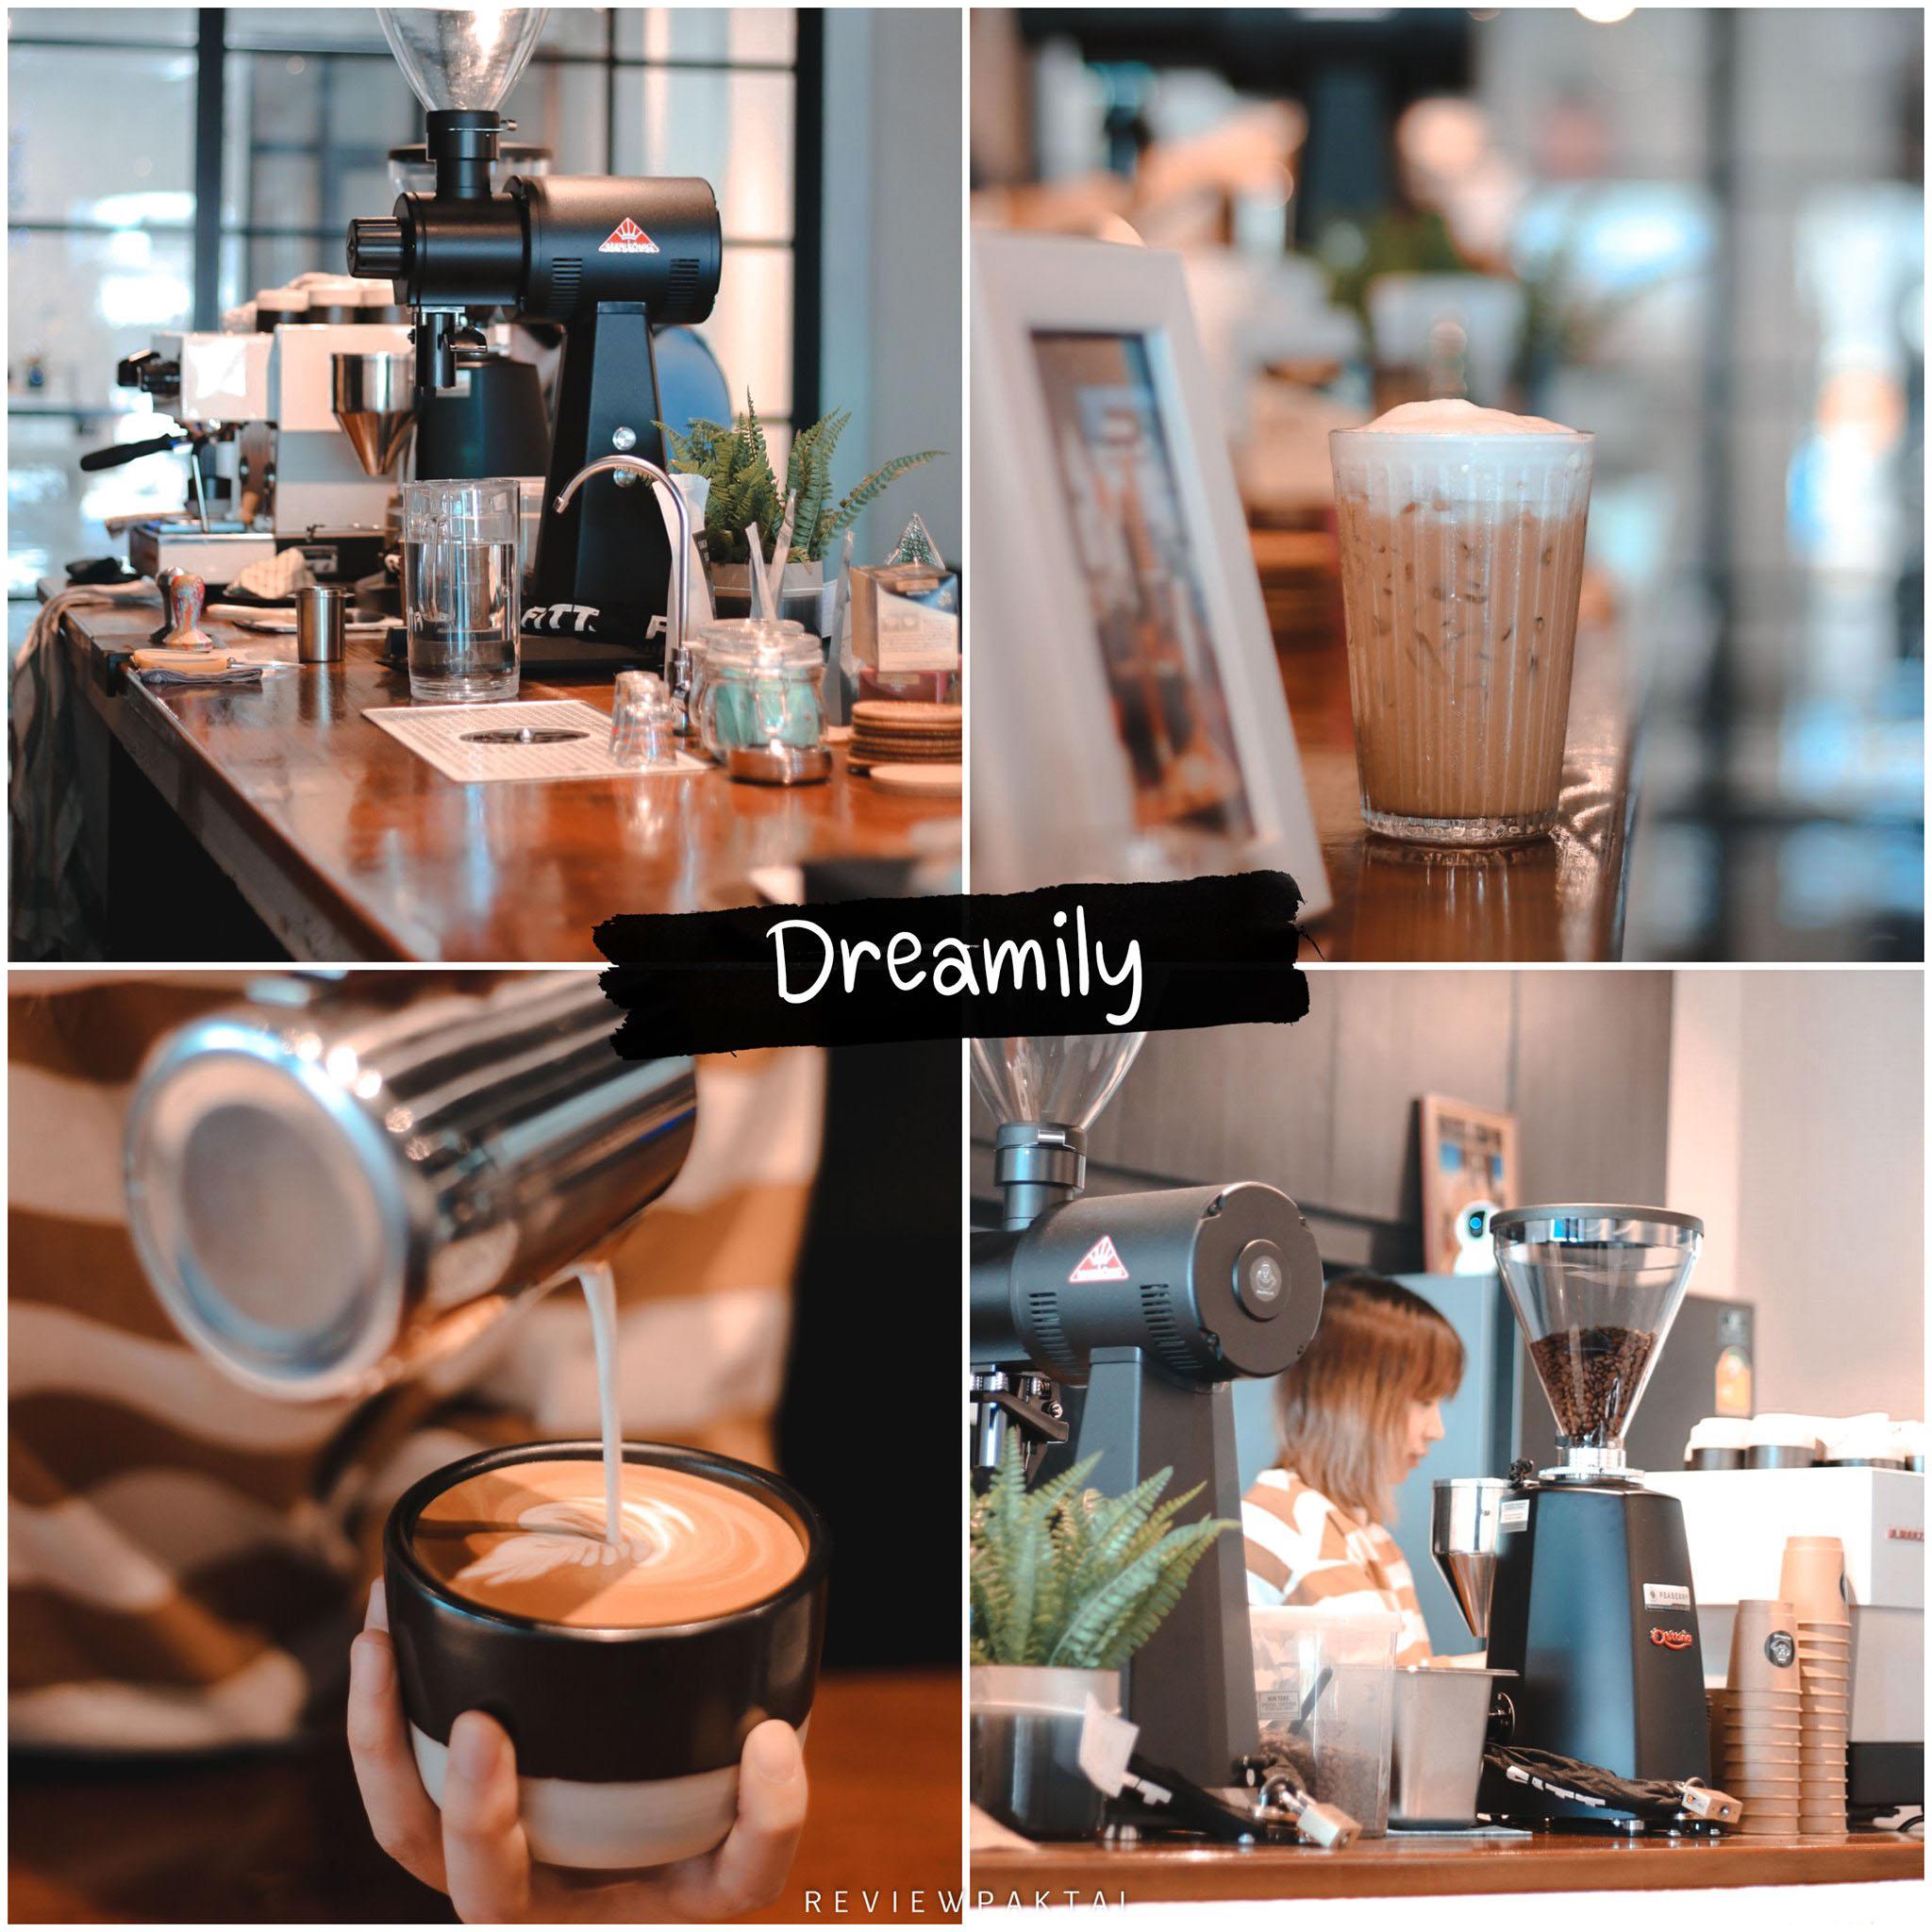 Dreamilycoffeebar -สายนั่งคุยกับเพื่อน-นั่งชิลเรื่อยๆได้ทั้งวัน-โทนร้านขาวดำบรรยากาศดี-กาแฟอร่อย-ต้องร้านนี้เลย ร้านกาแฟย่านเชิงทะเล-กาแฟดีงามใครสายกาแฟต้องไปลองข้างบนร้านเปิดเป็นโฮสเทลด้วยร้านตกแต่งโทนสีดำ-ปูนเปลือยบรรยากาศดีมาก-มี2ชั้น-ที่นั่งรอคิวก็เยอะ-แต่ก็ค่อยนานก็ได้ของที่สั่งแล้ว  ภูเก็ต,คาเฟ่,ที่เที่ยว,ร้านกาแฟ,เด็ด,อร่อย,ต้องลอง